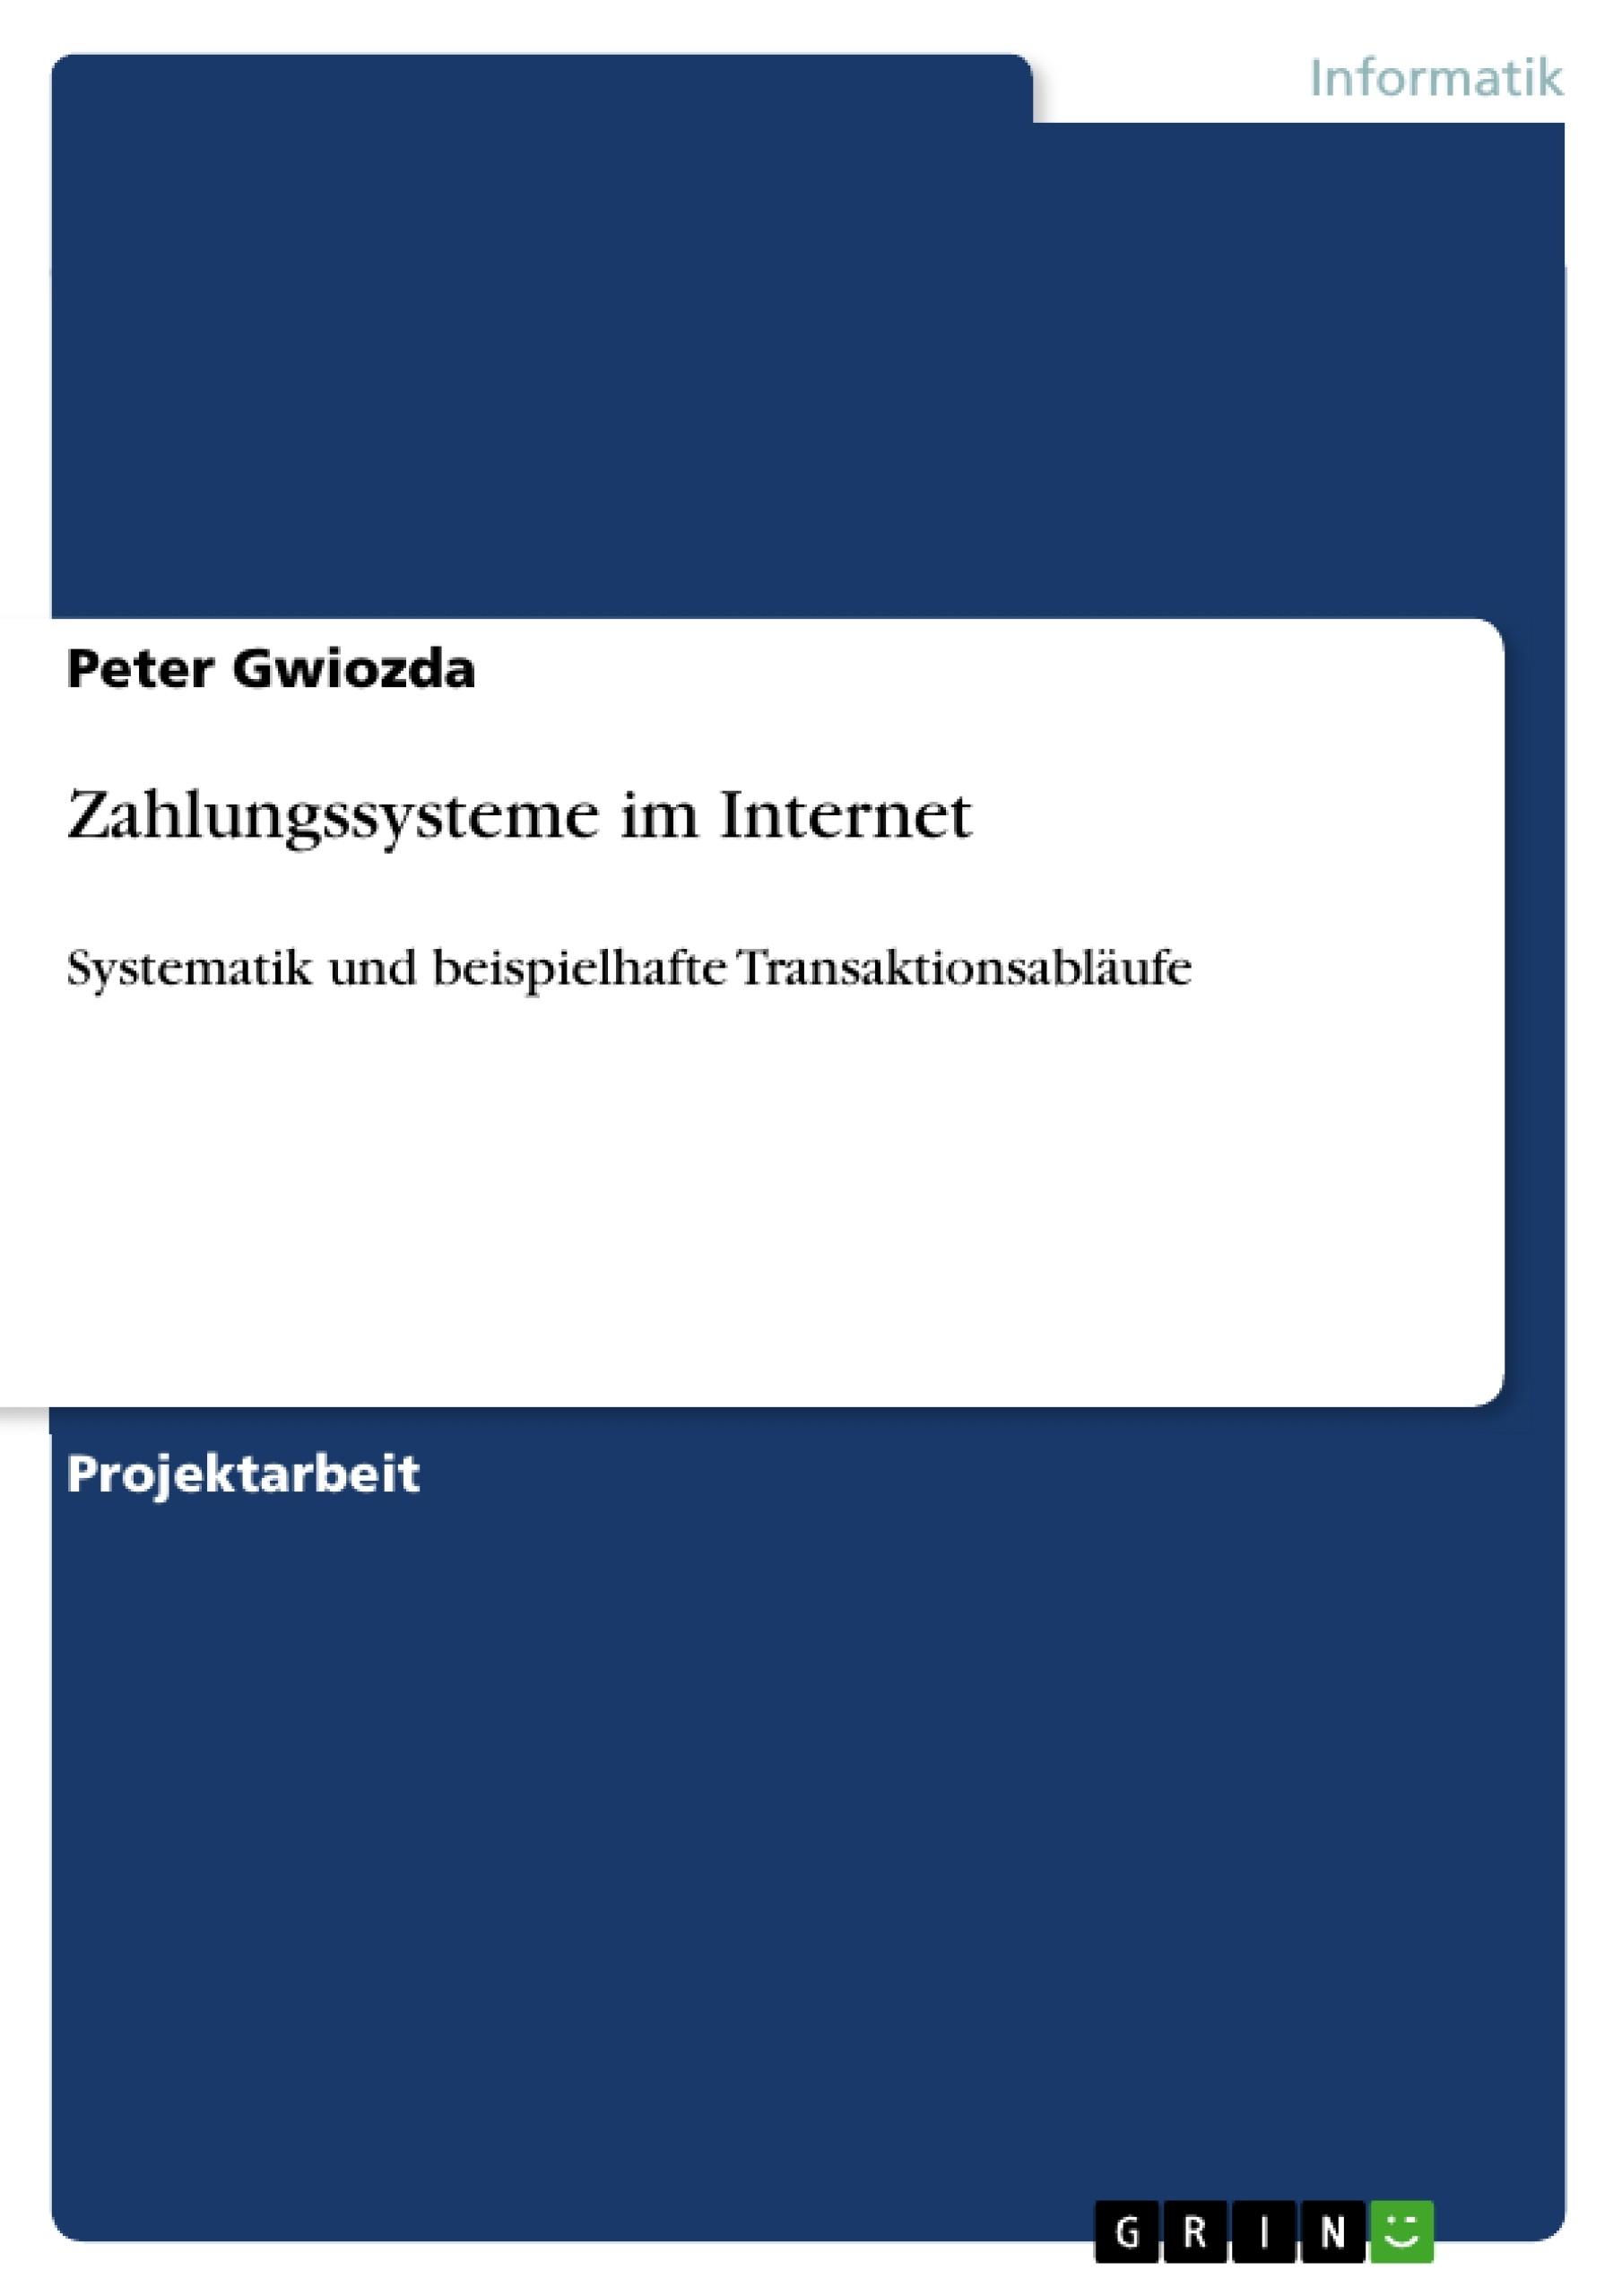 Titel: Zahlungssysteme im Internet